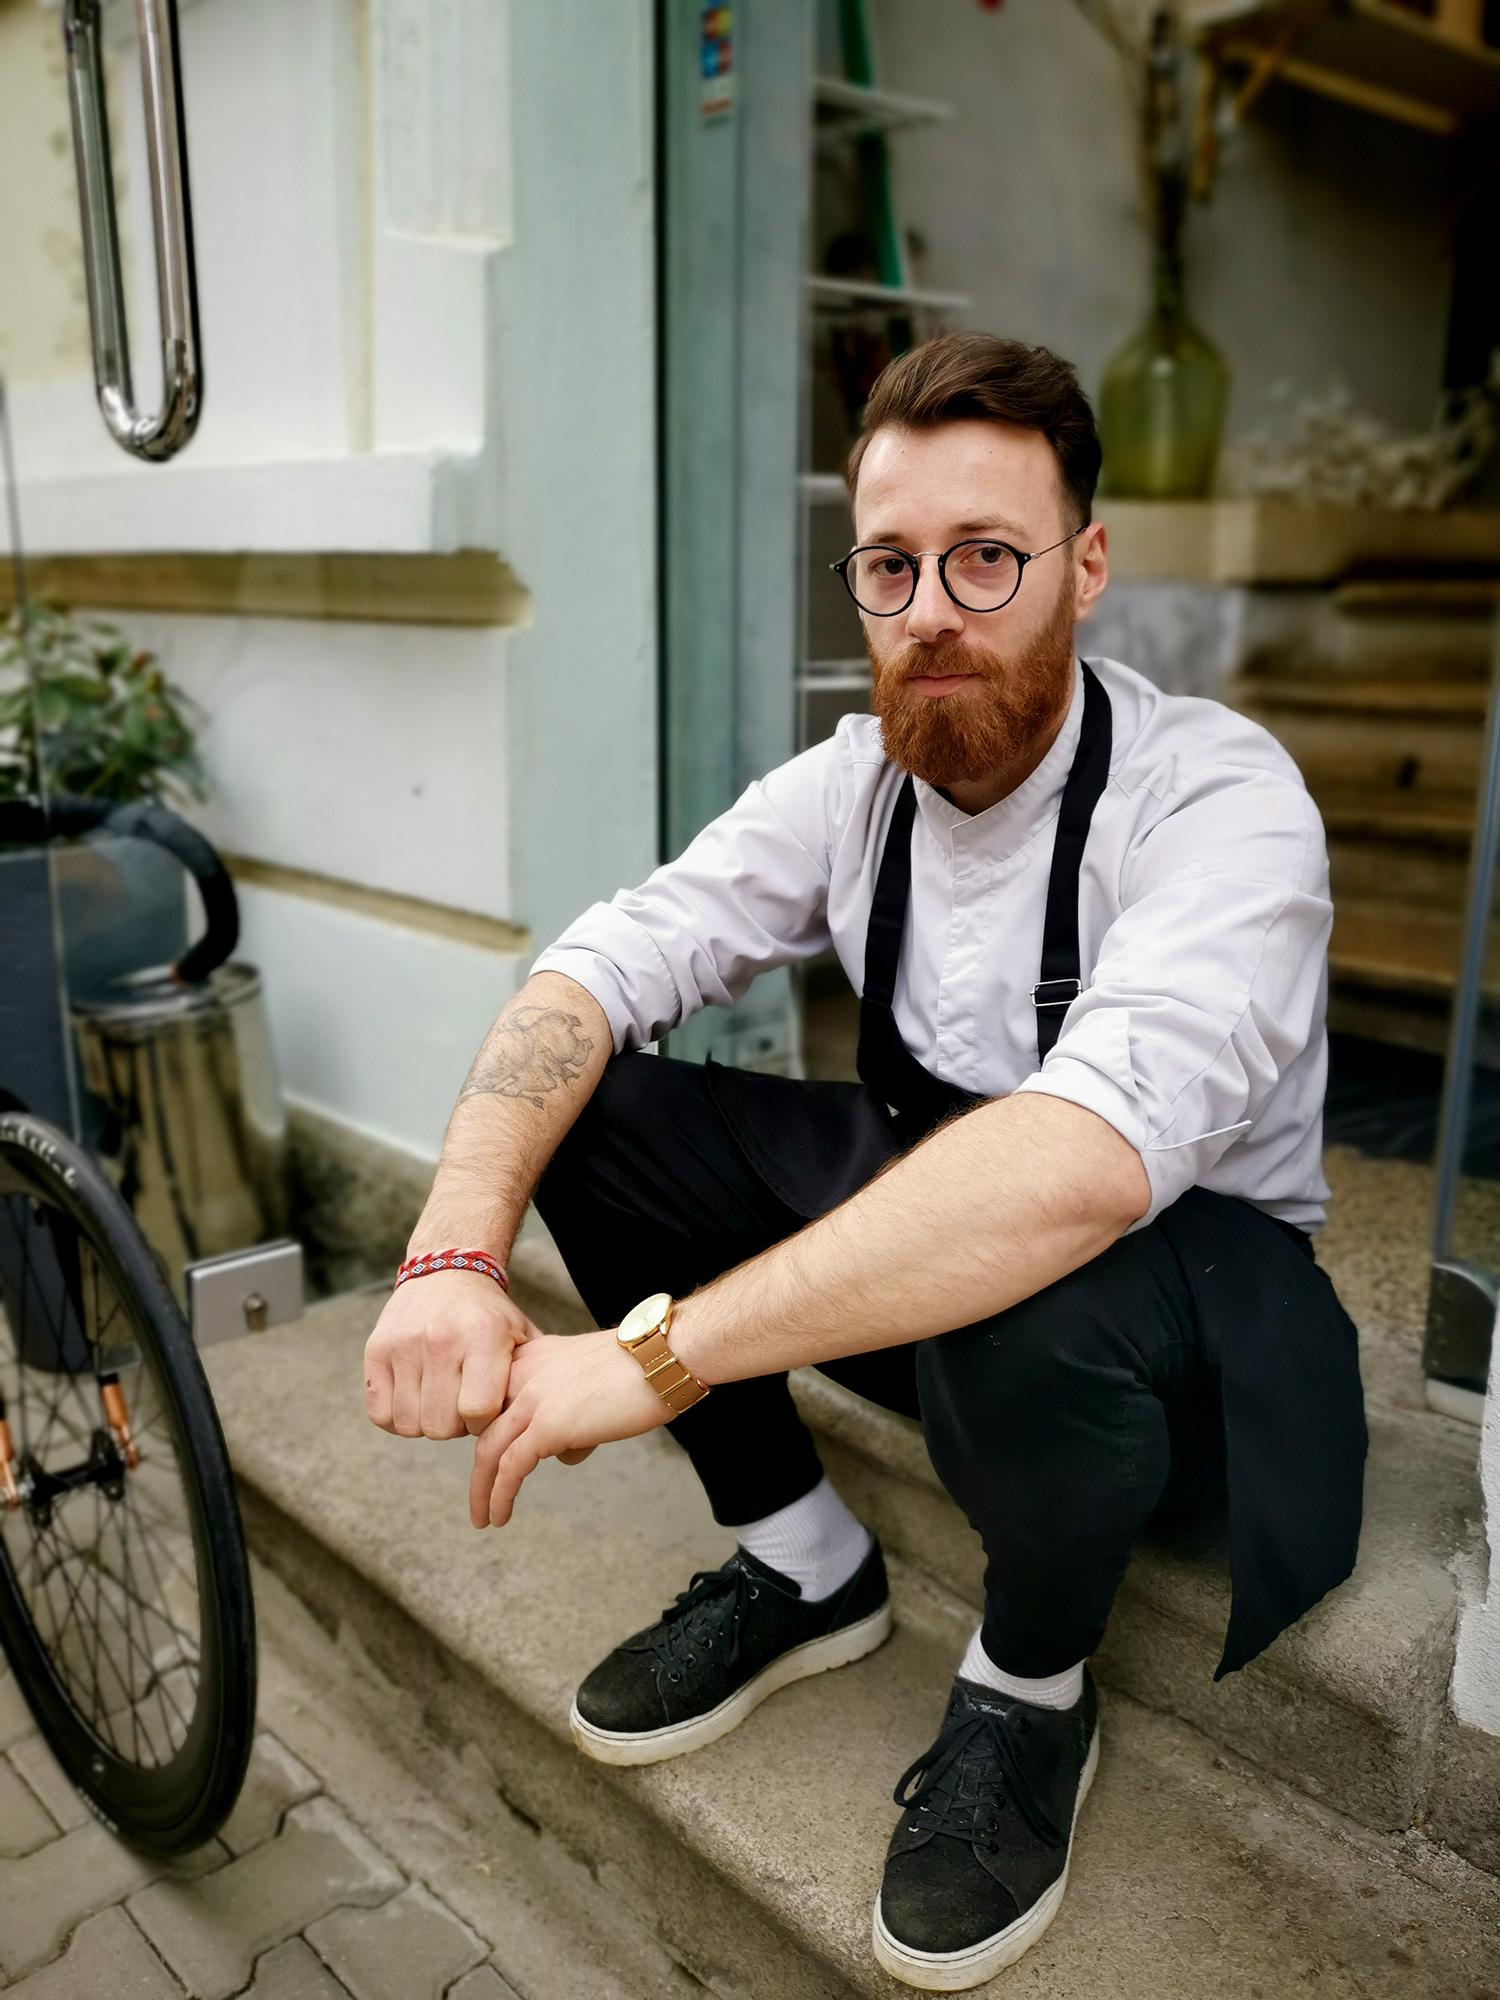 """Алекс Иванчев - по-сладкият от шоколад шеф сладкар, чувстващ се спокоен и свободен само с колелото си: """"Бях много лош ученик и не знаех какво искам да правя, обаче като готвех, ми беше кеф."""""""